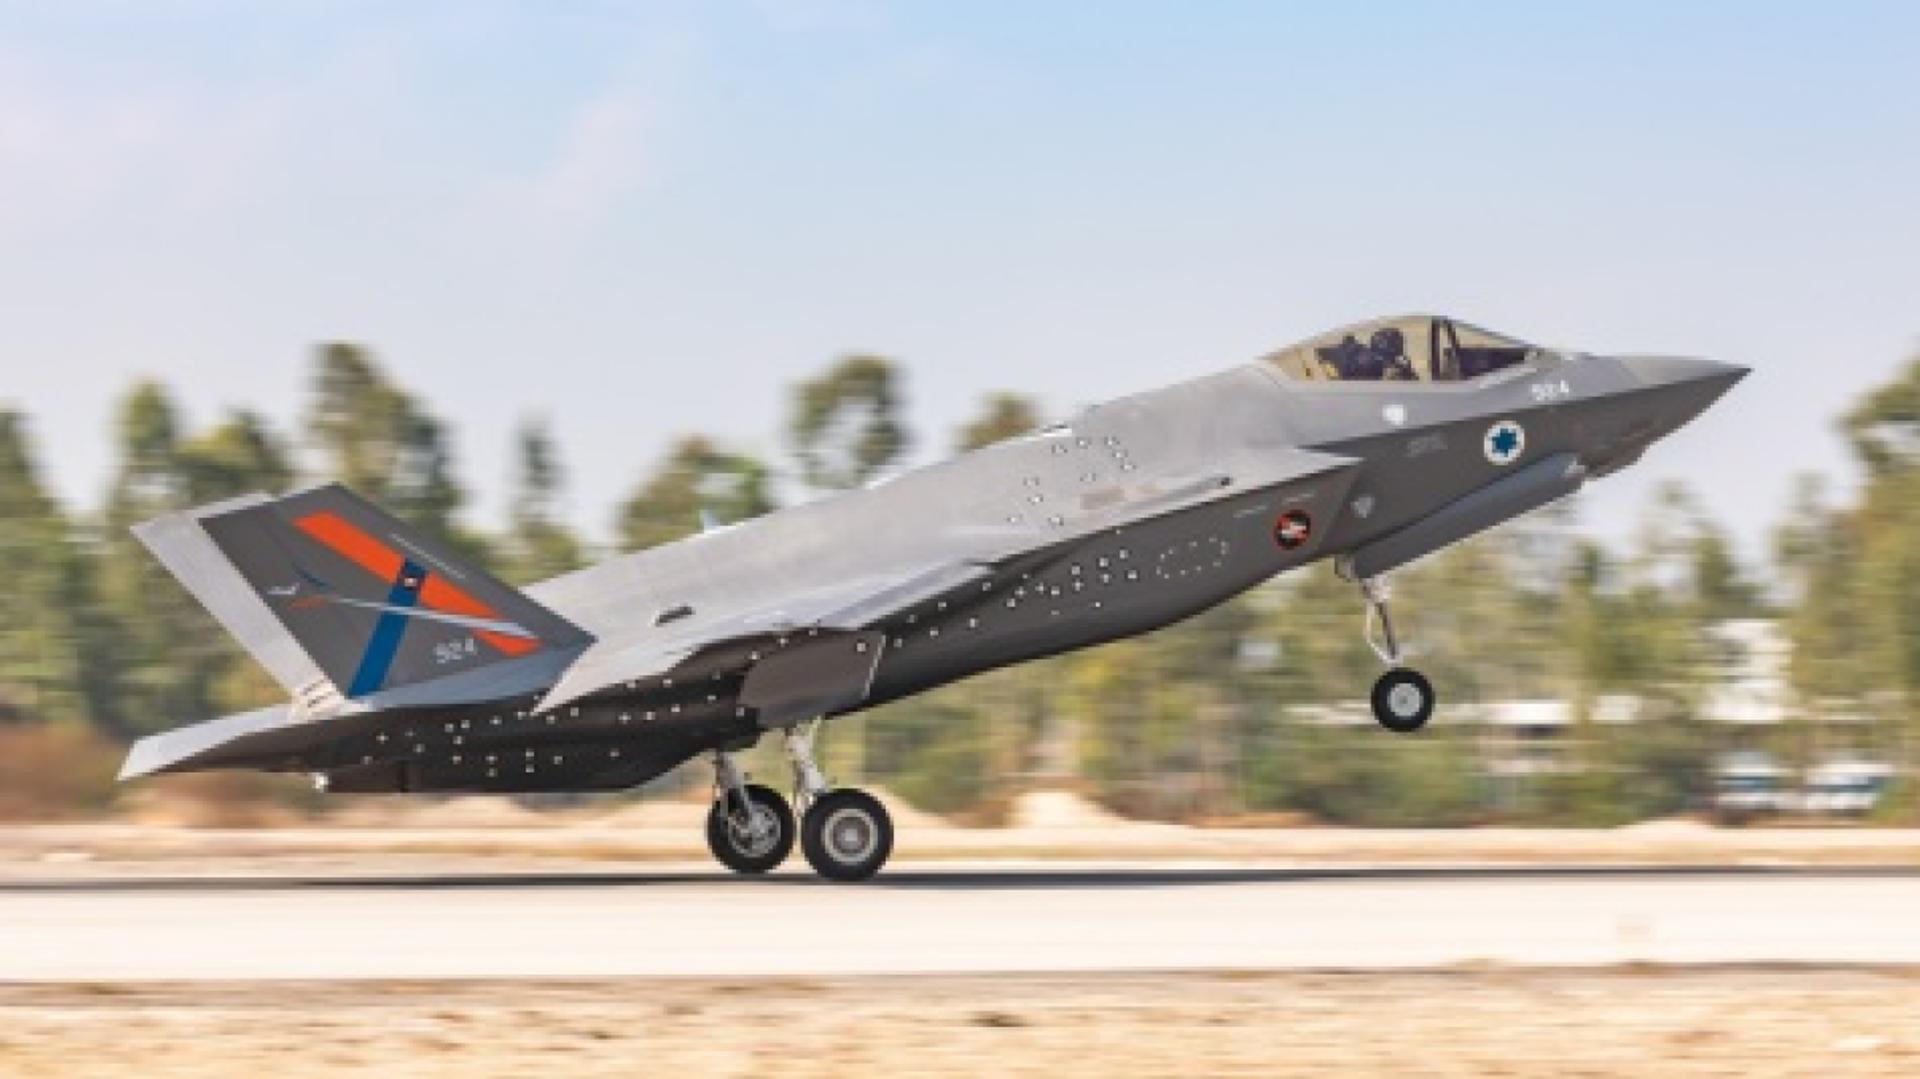 Il primo velivolo di prova F-35I Adir al di fuori degli Stati Uniti presso il Centro israeliano di prove di volo AF a Tel-Nof AFB l'11 novembre 2020. Verrà utilizzato per sviluppare e testare capacità avanzate che solo Israele può aggiungere la sua flotta di caccia F-35I. - Sputnik Italia, 1920, 19.05.2021